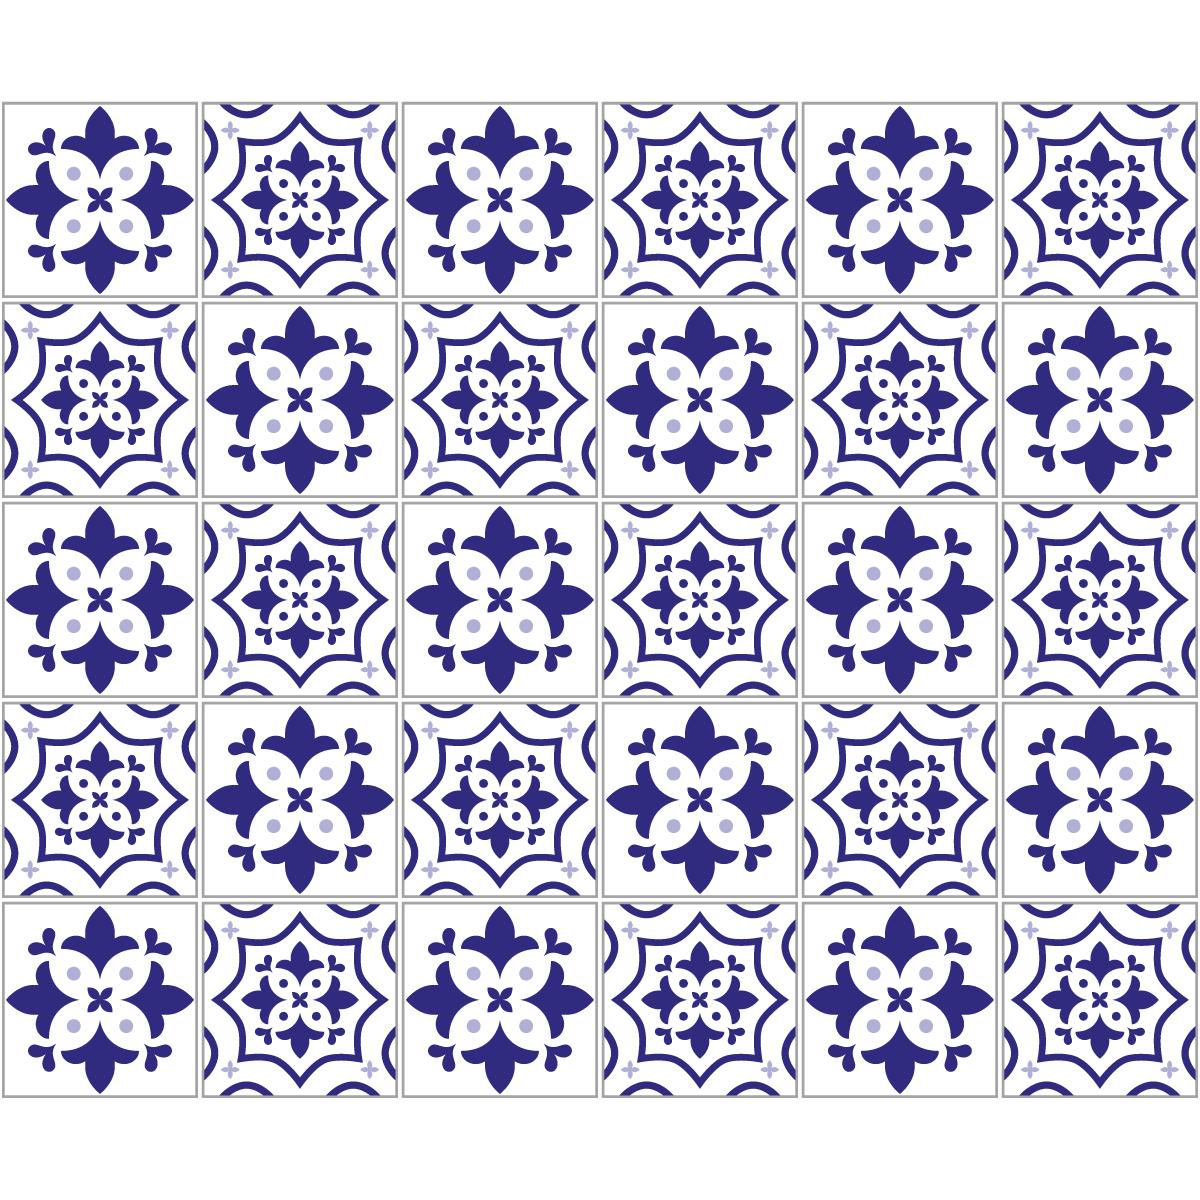 Accessoires Salle De Bain Azulejos ~ 30 stickers carreaux de ciment azulejos sancho salle de bain et wc